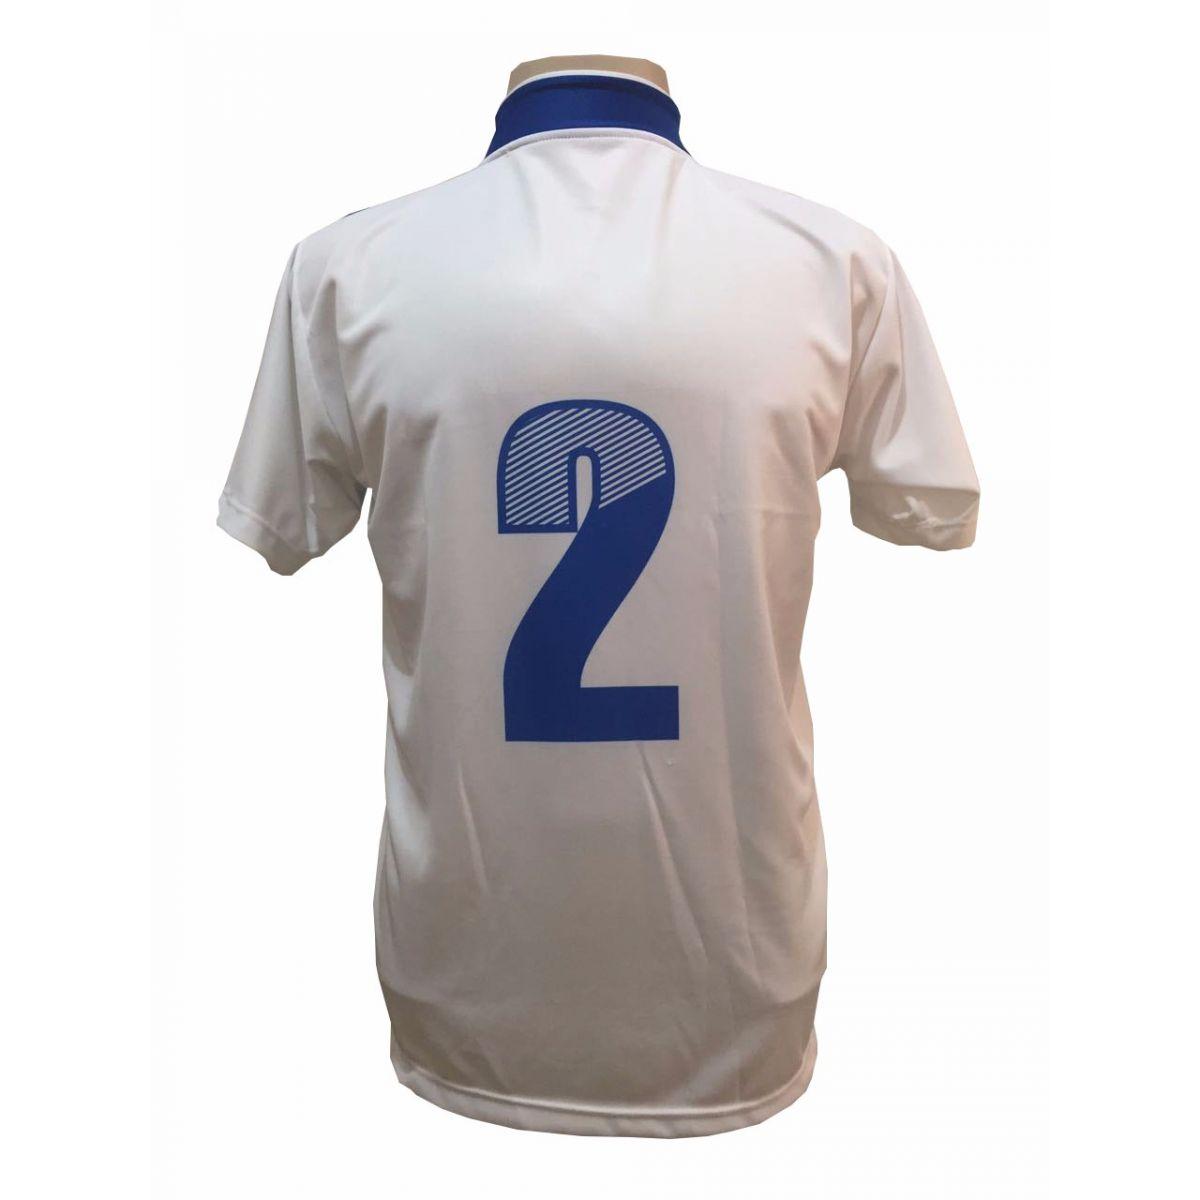 Jogo de Camisa com 14 unidades modelo Palermo Branco/Royal + Brindes